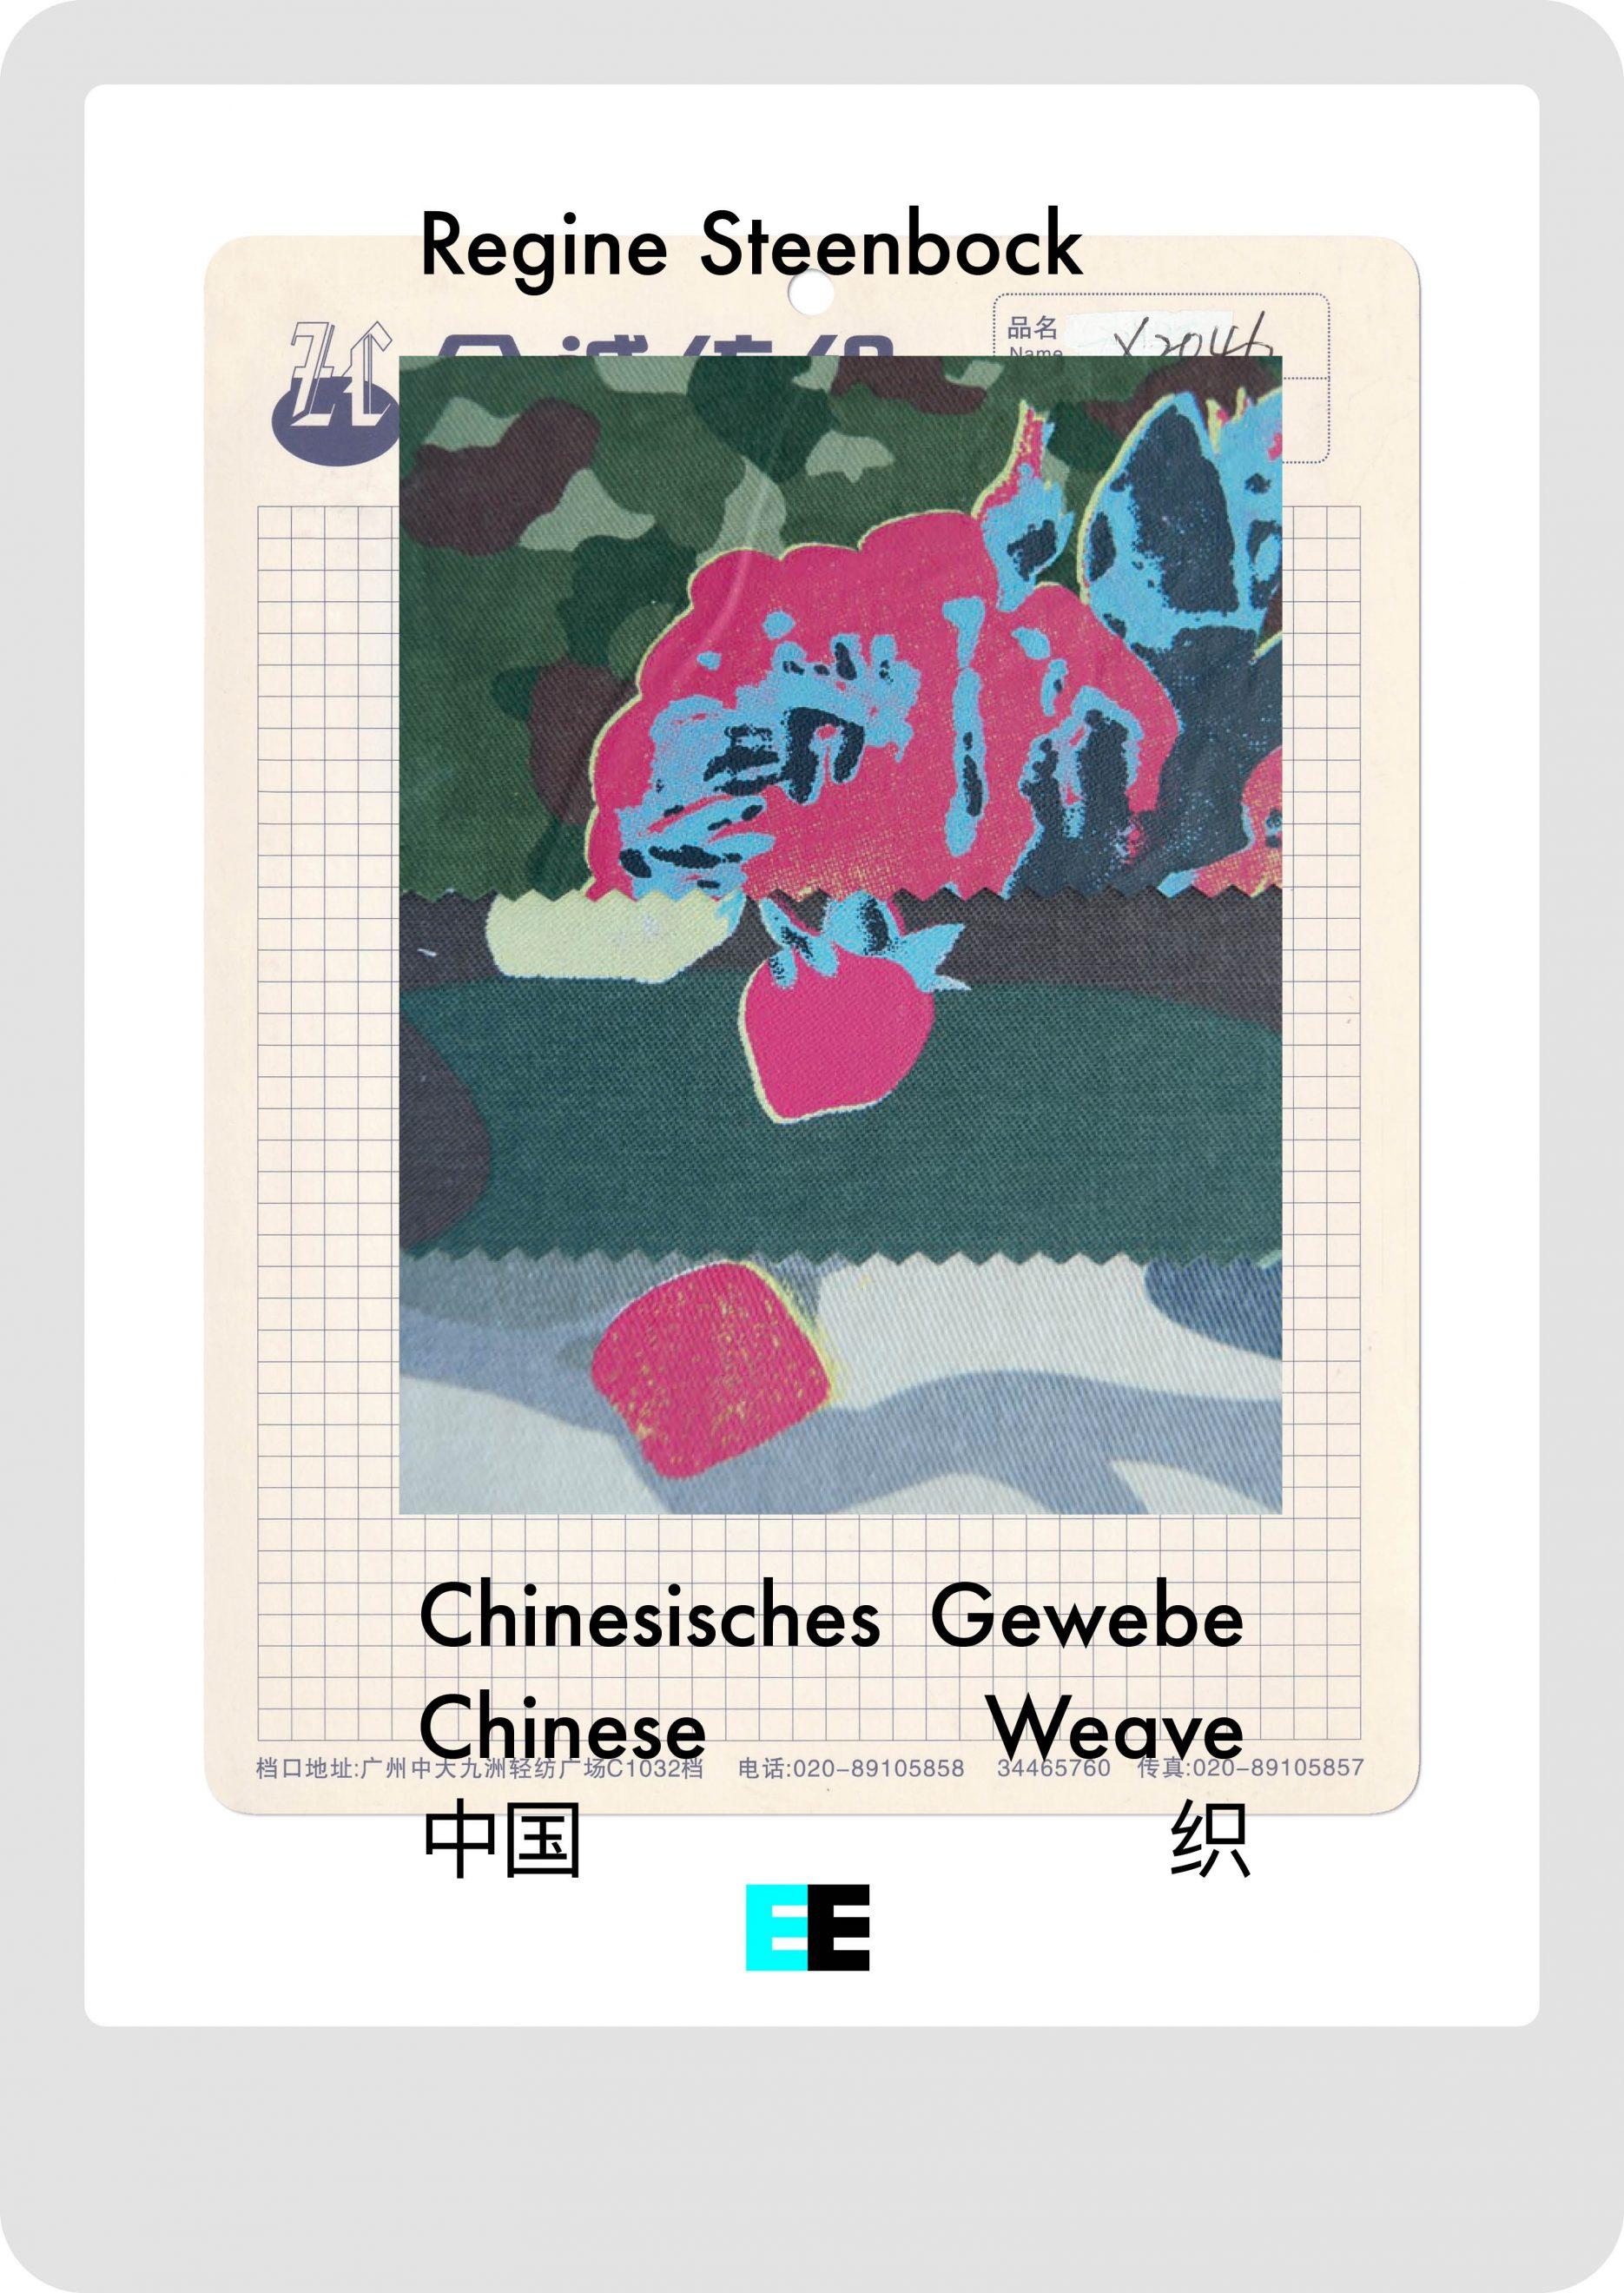 Chinesisches Gewebe